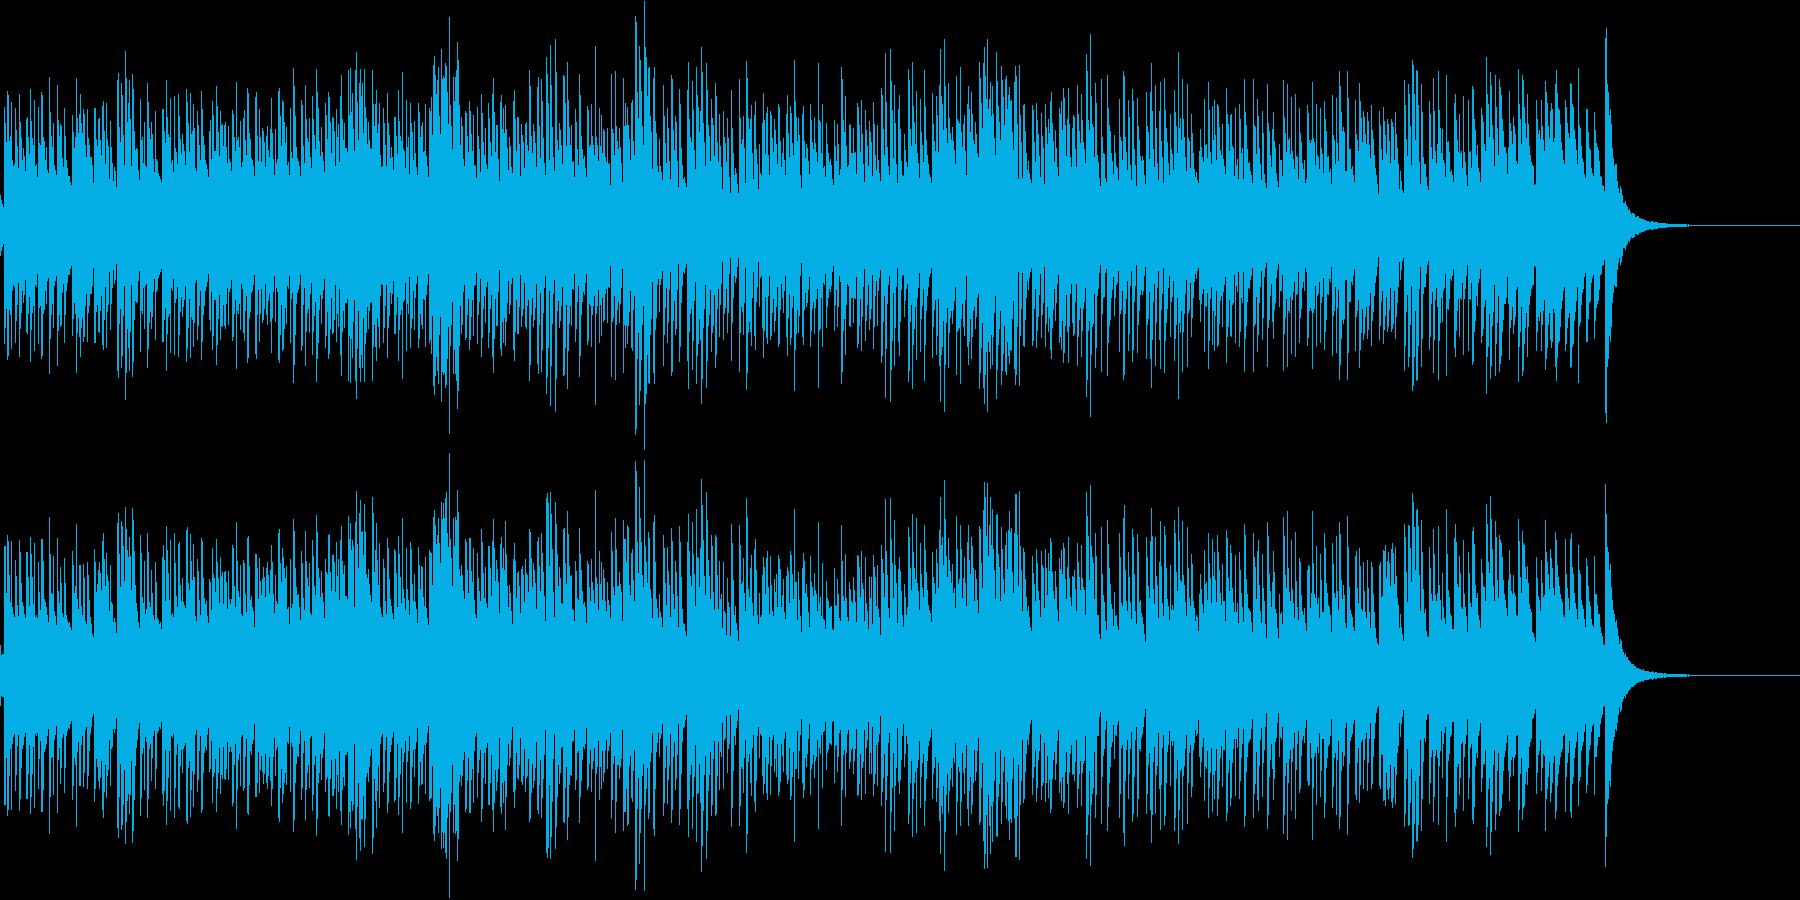 アヴェ・マリア シューベルトの再生済みの波形